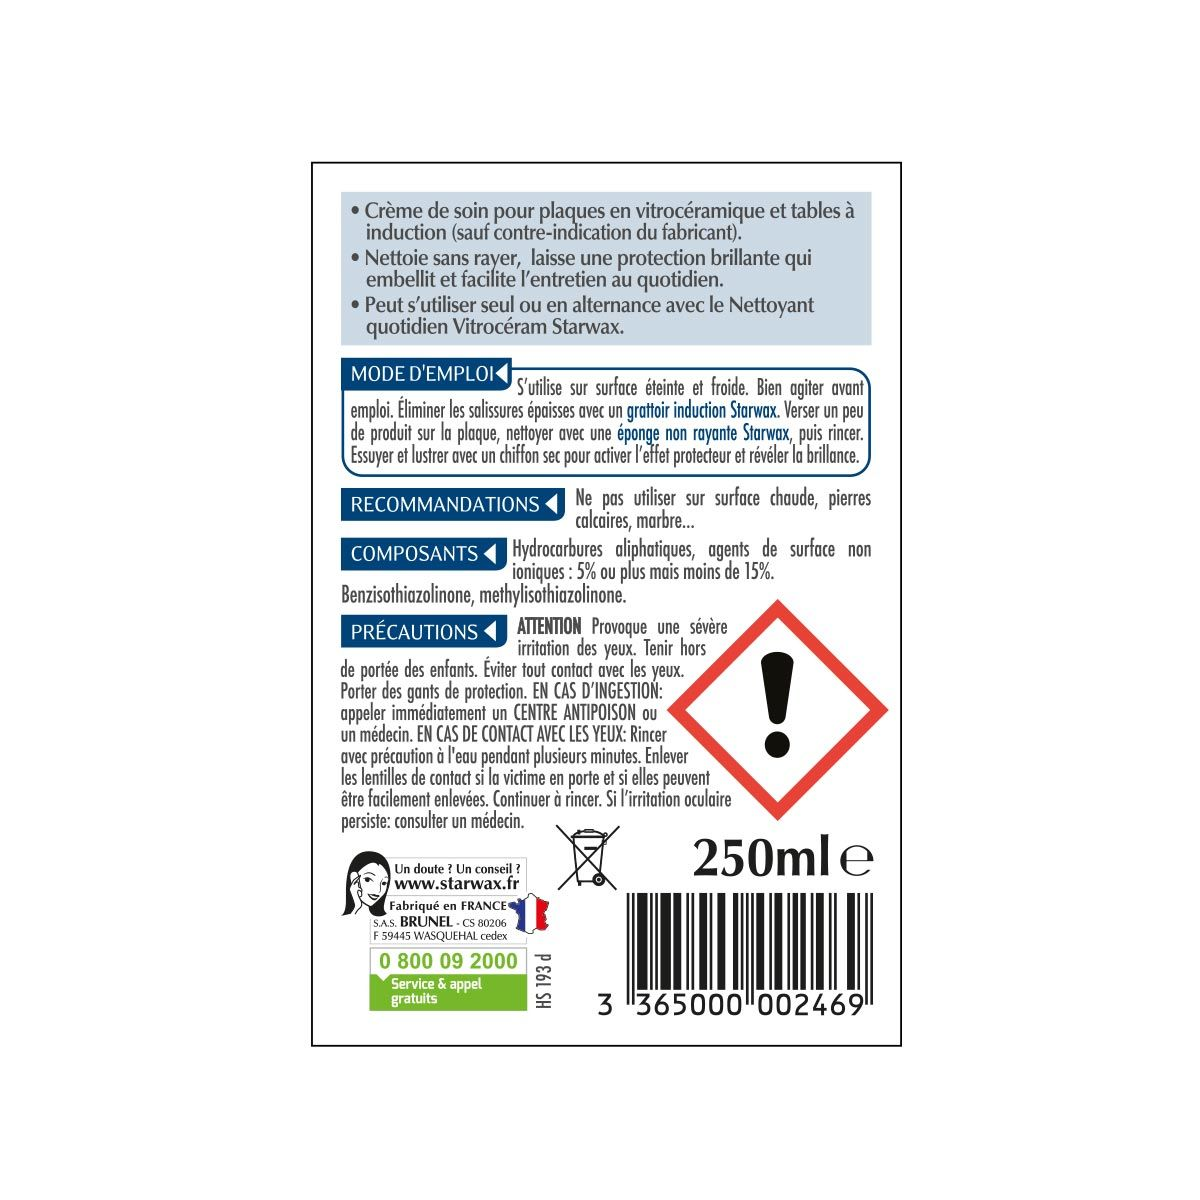 Produit Pour Nettoyer Vitroceramique crème de soin spéciale vitroceram | starwax, produits d